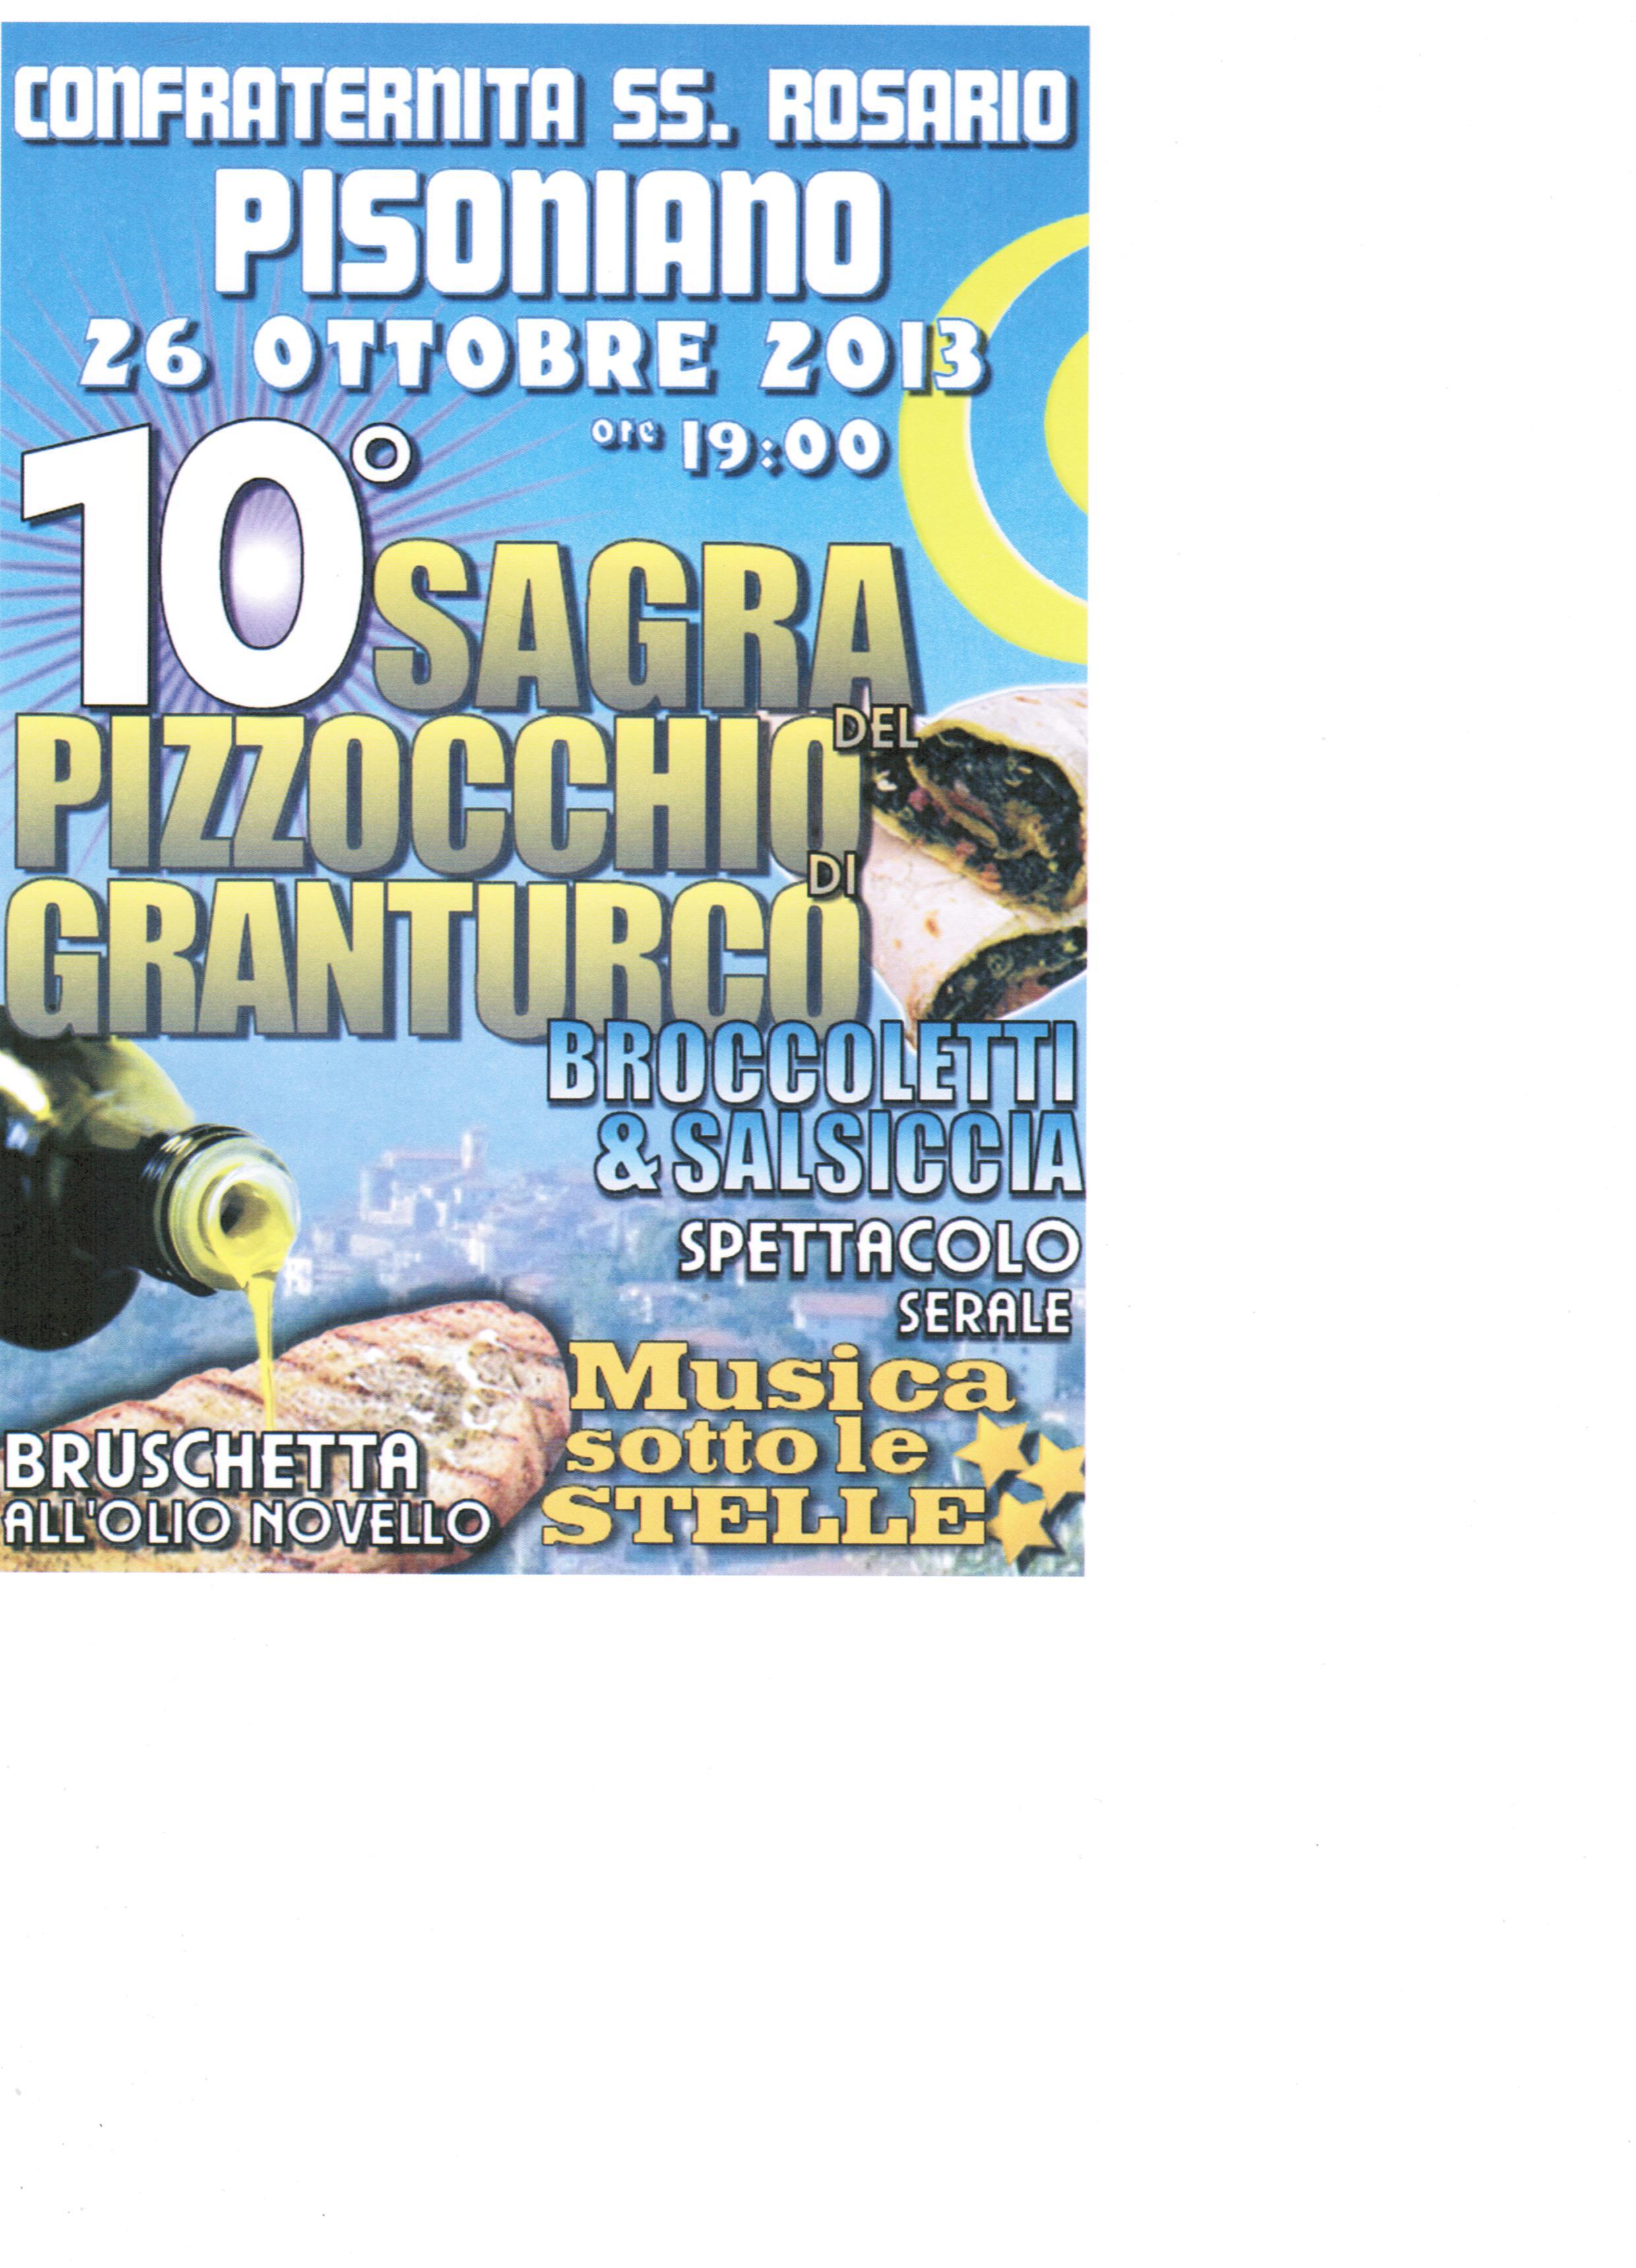 26 ottobre-Madonna del Rosario: X Sagra del pizzocchio di granoturco e della bruschetta all'olio d'oliva